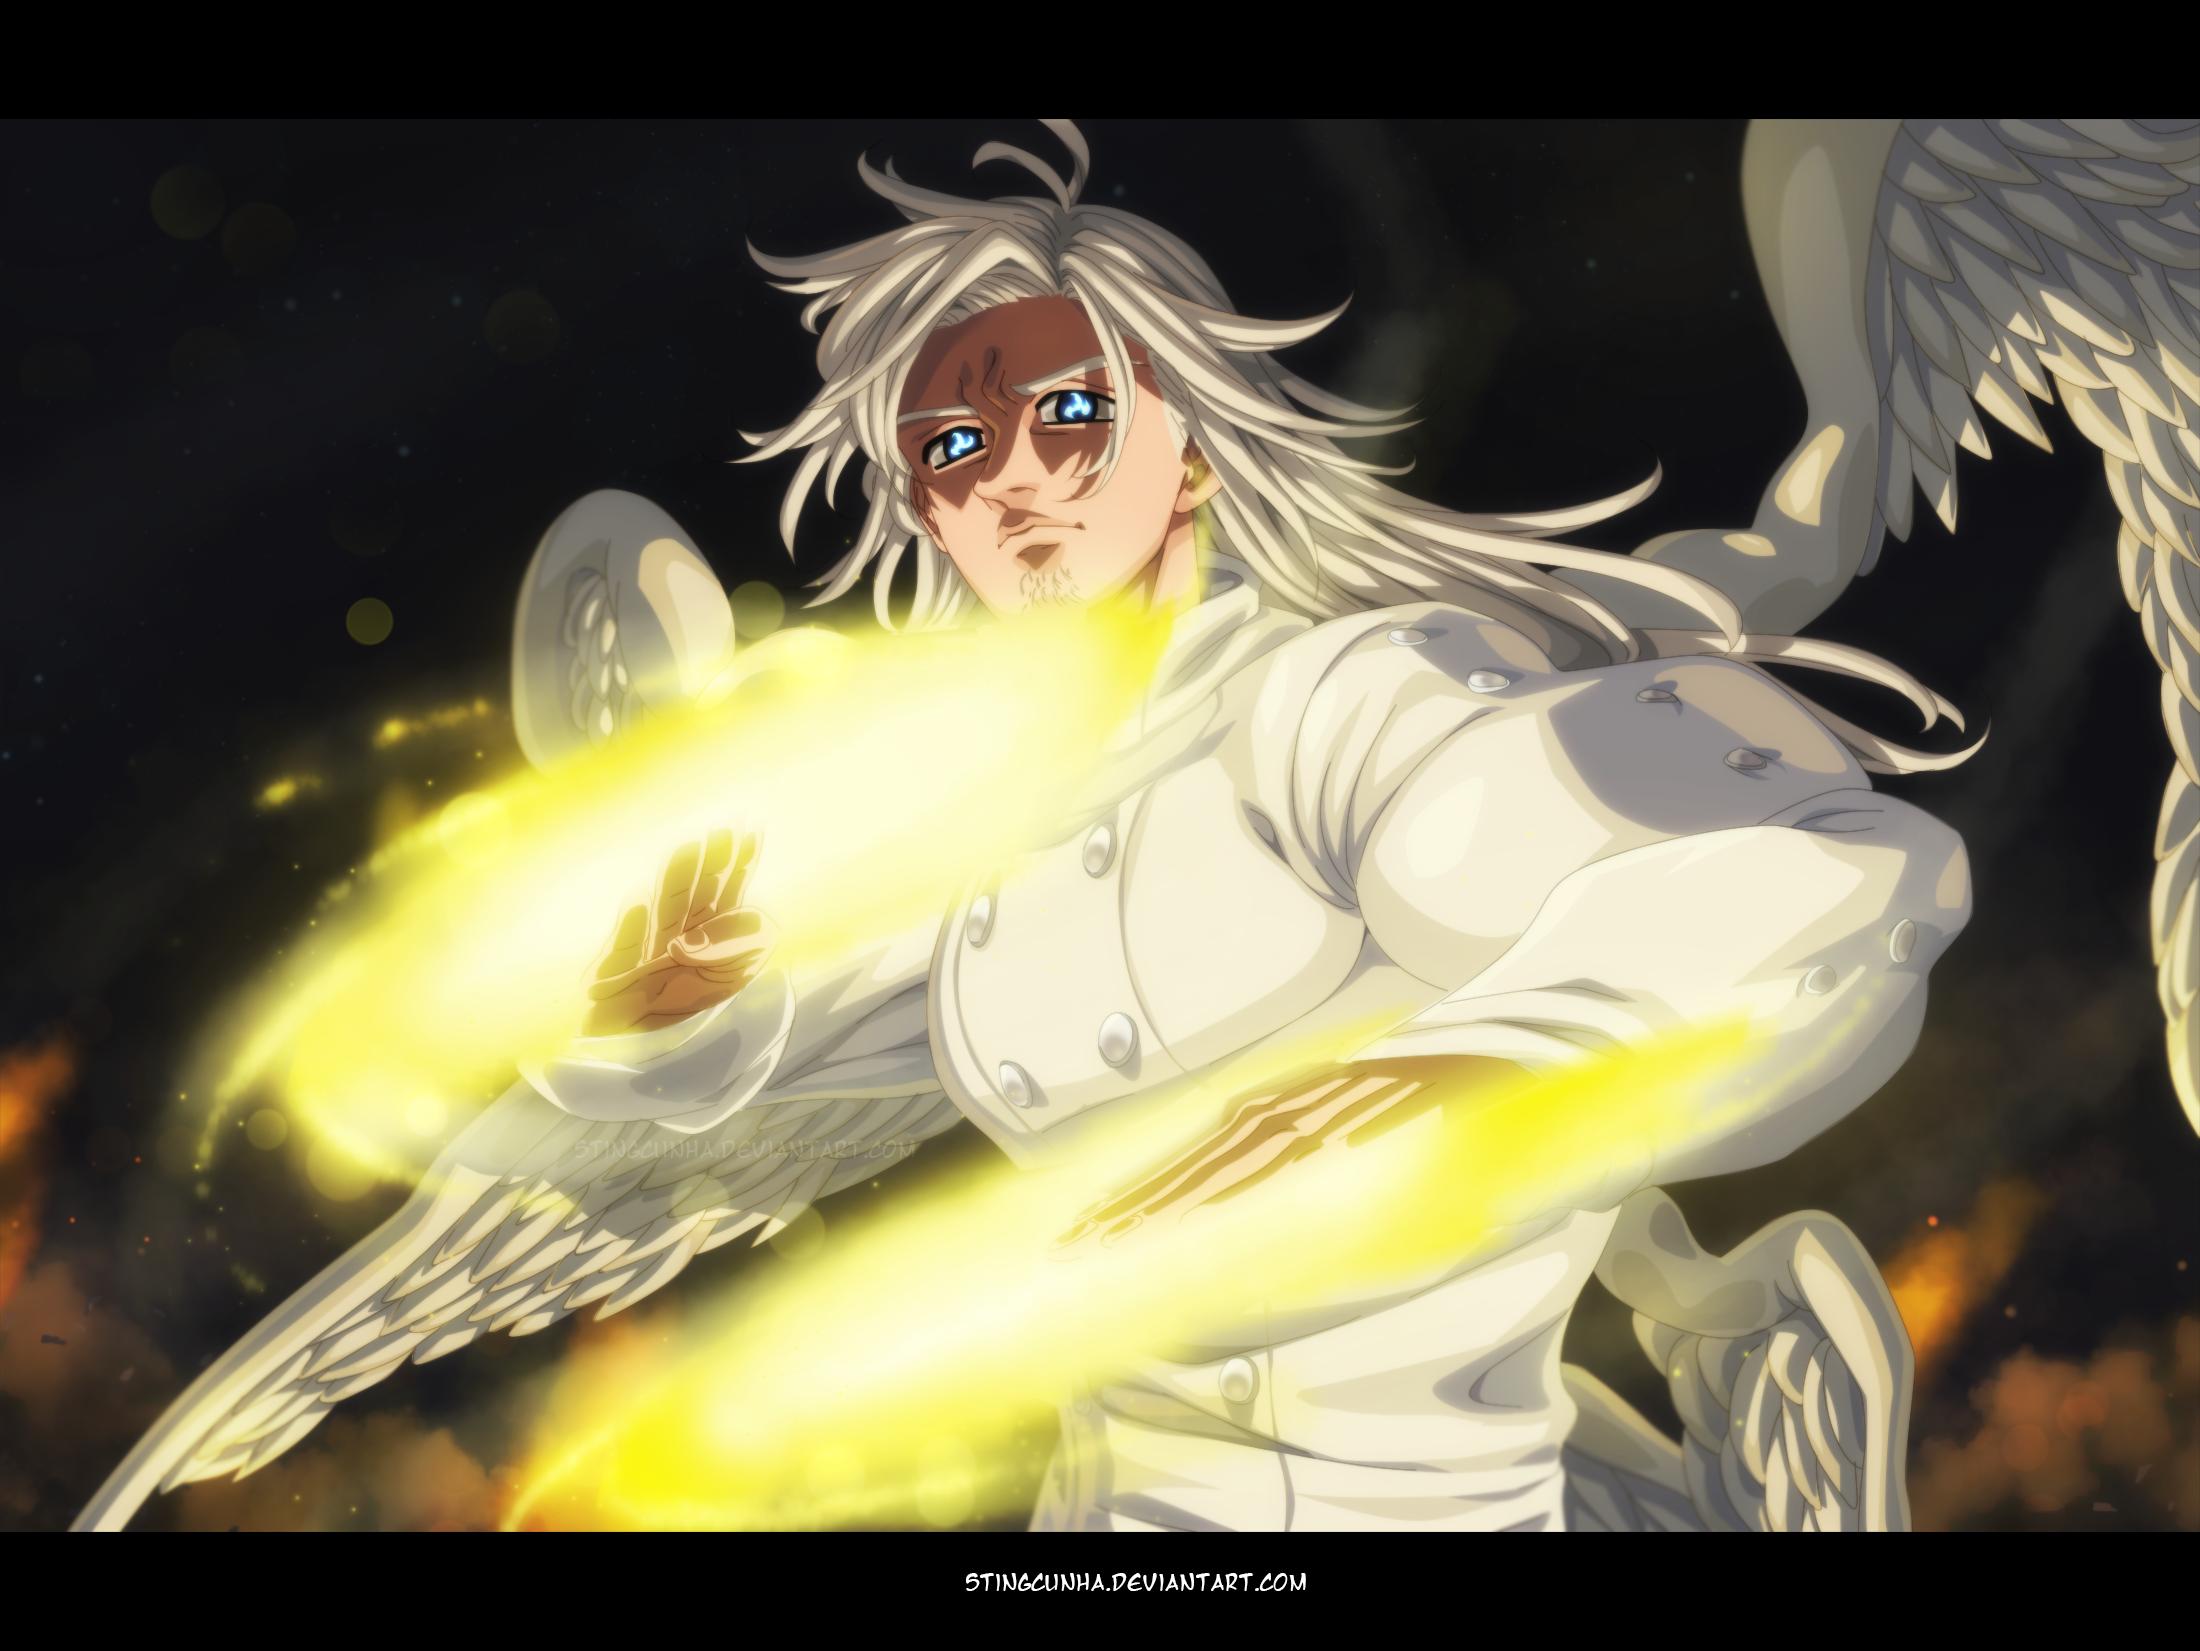 Mael Nanatsu No Taizai 299 By Stingcunha On Deviantart Seven Deadly Sins Seven Deadly Sins Anime Anime